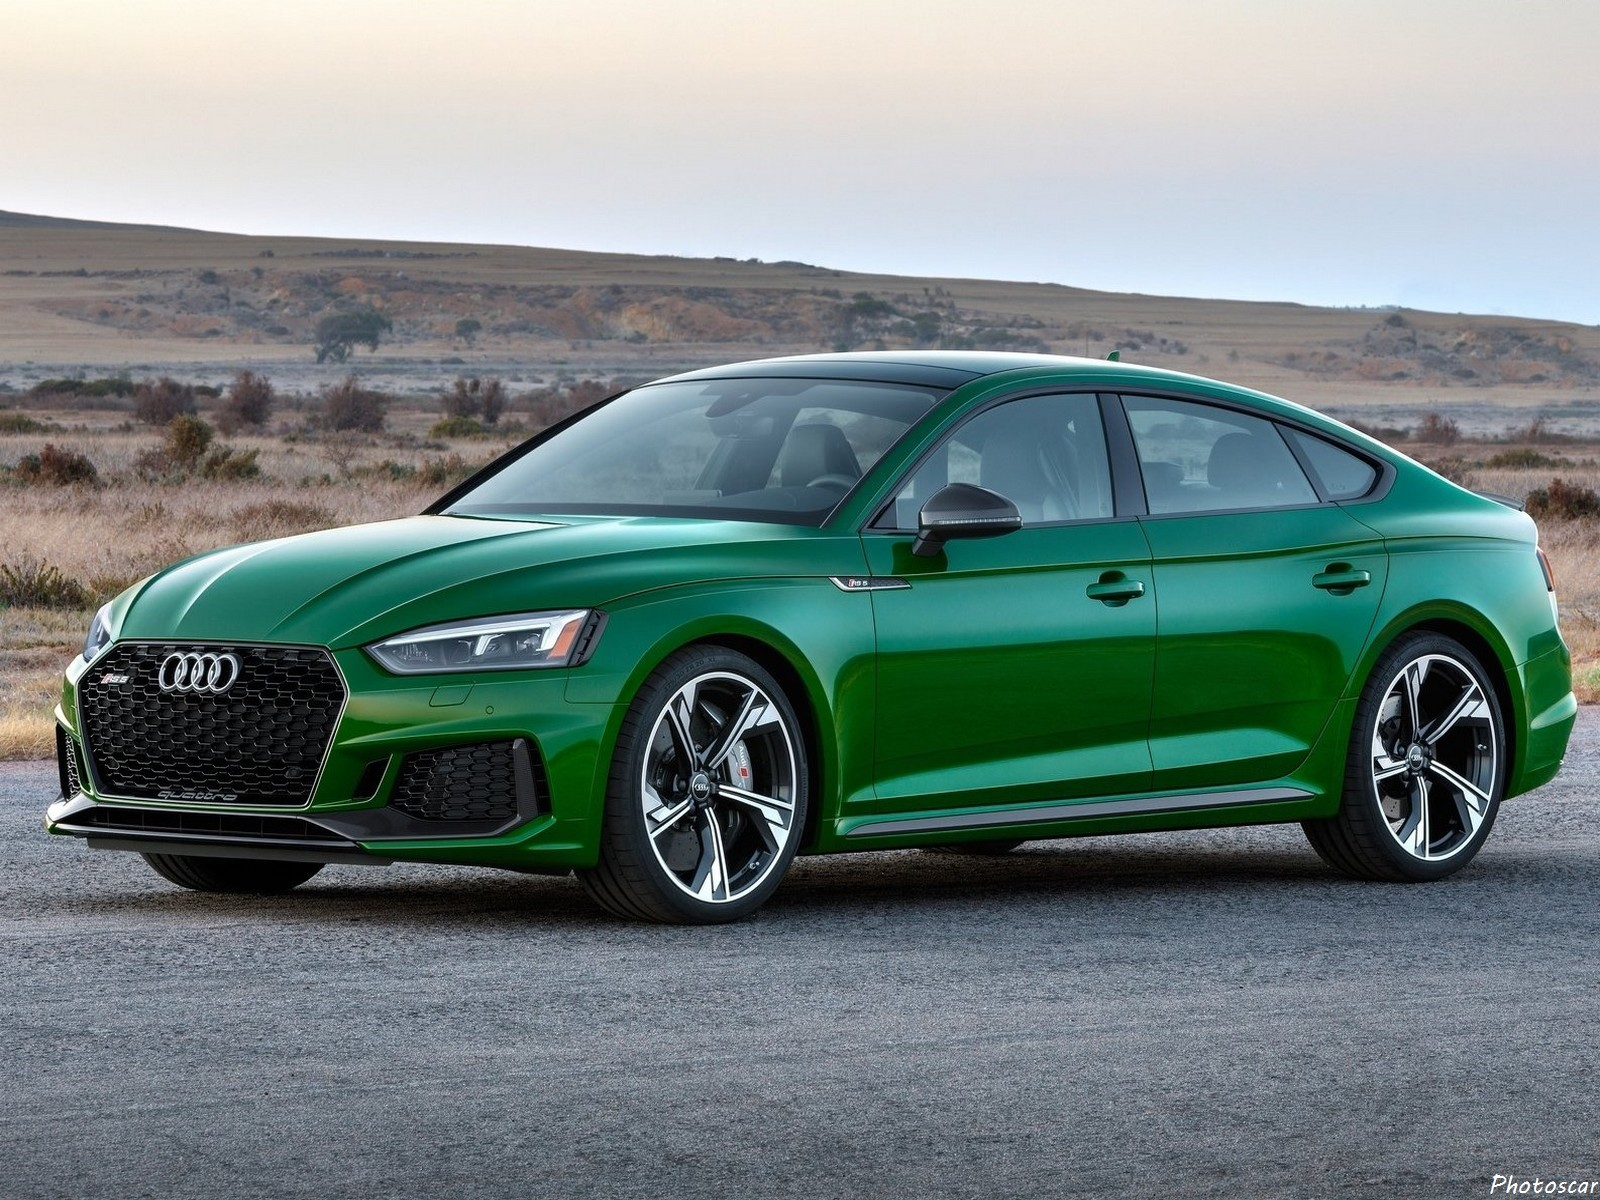 Audi RS5 Sportback 2019: Une berline à cinq portes de 444 chevaux